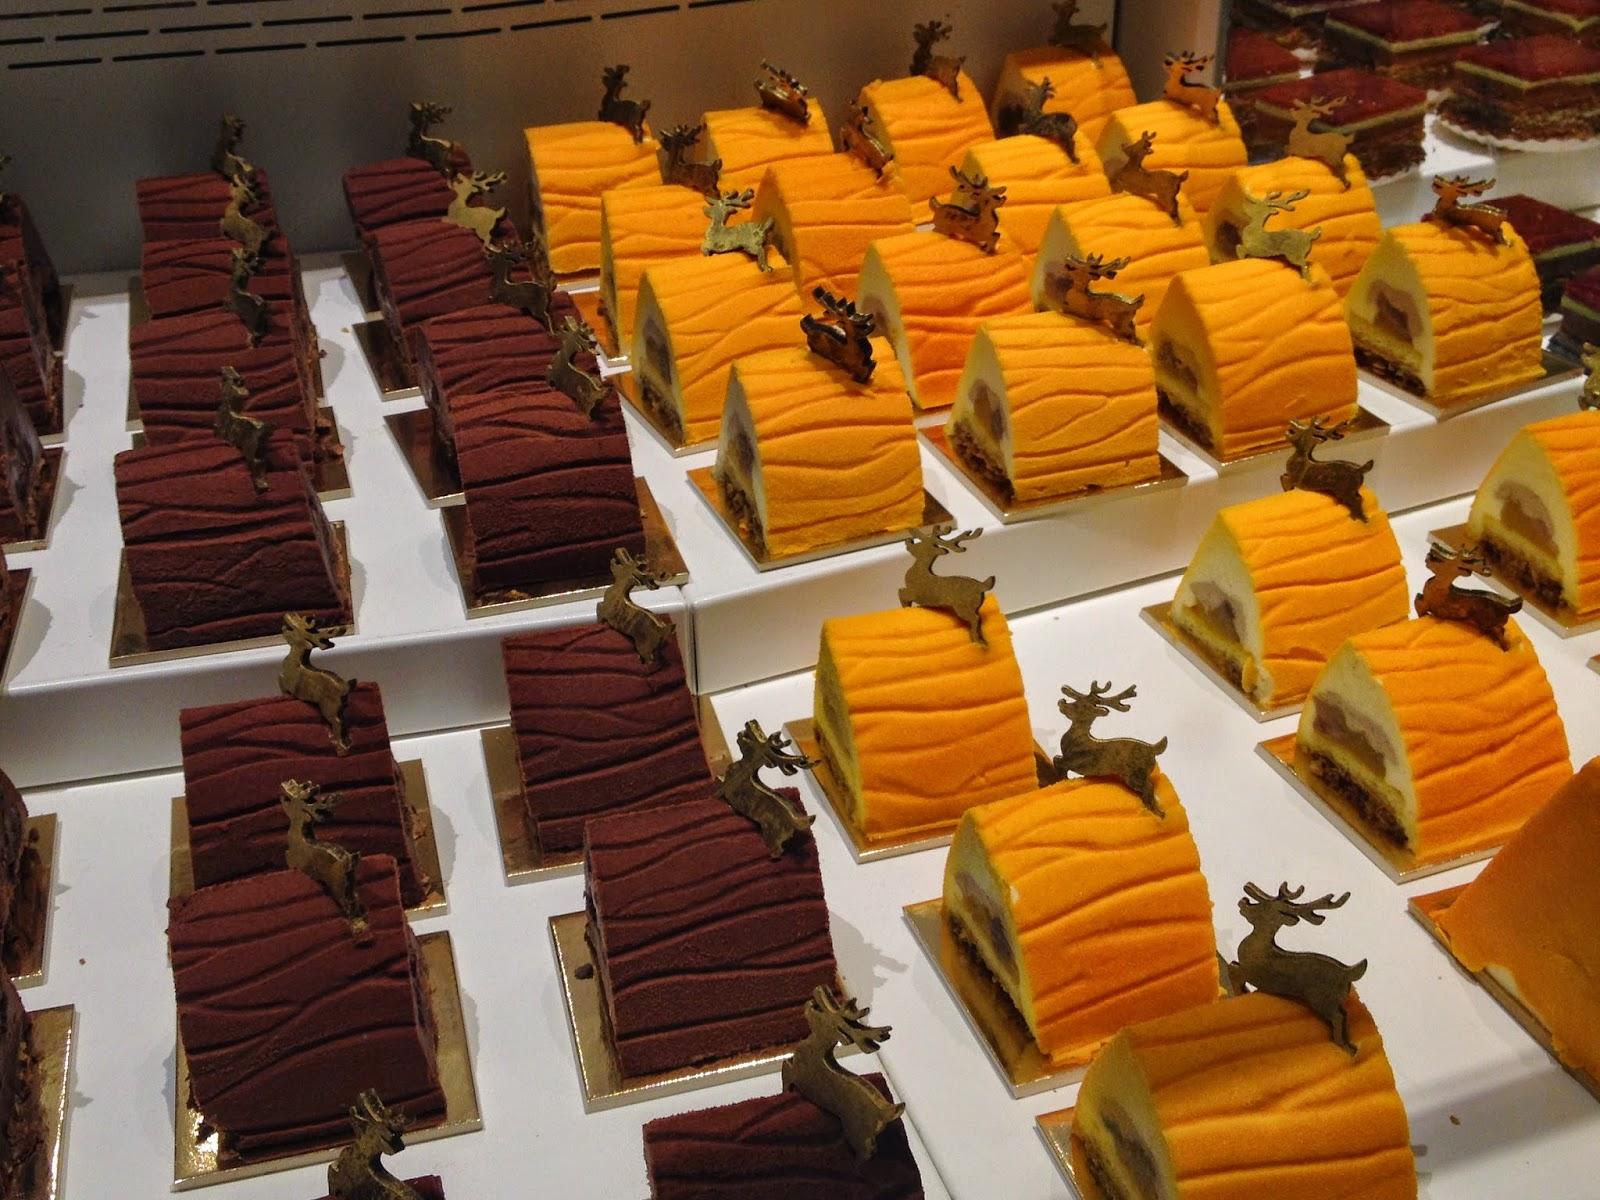 Bûches de Noël at La Grande Epicerie de Paris